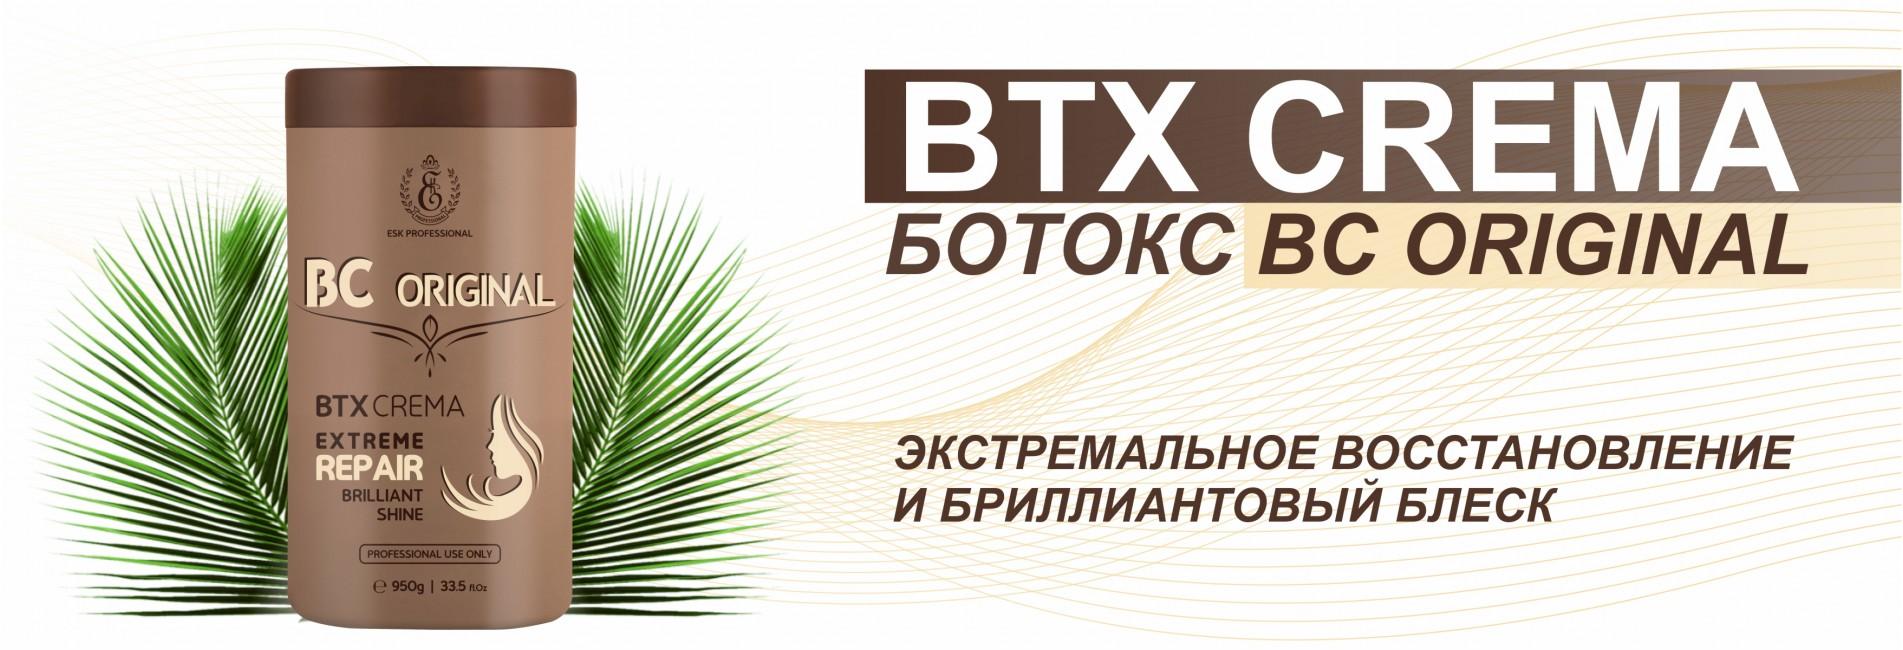 BC Original BTX Crema